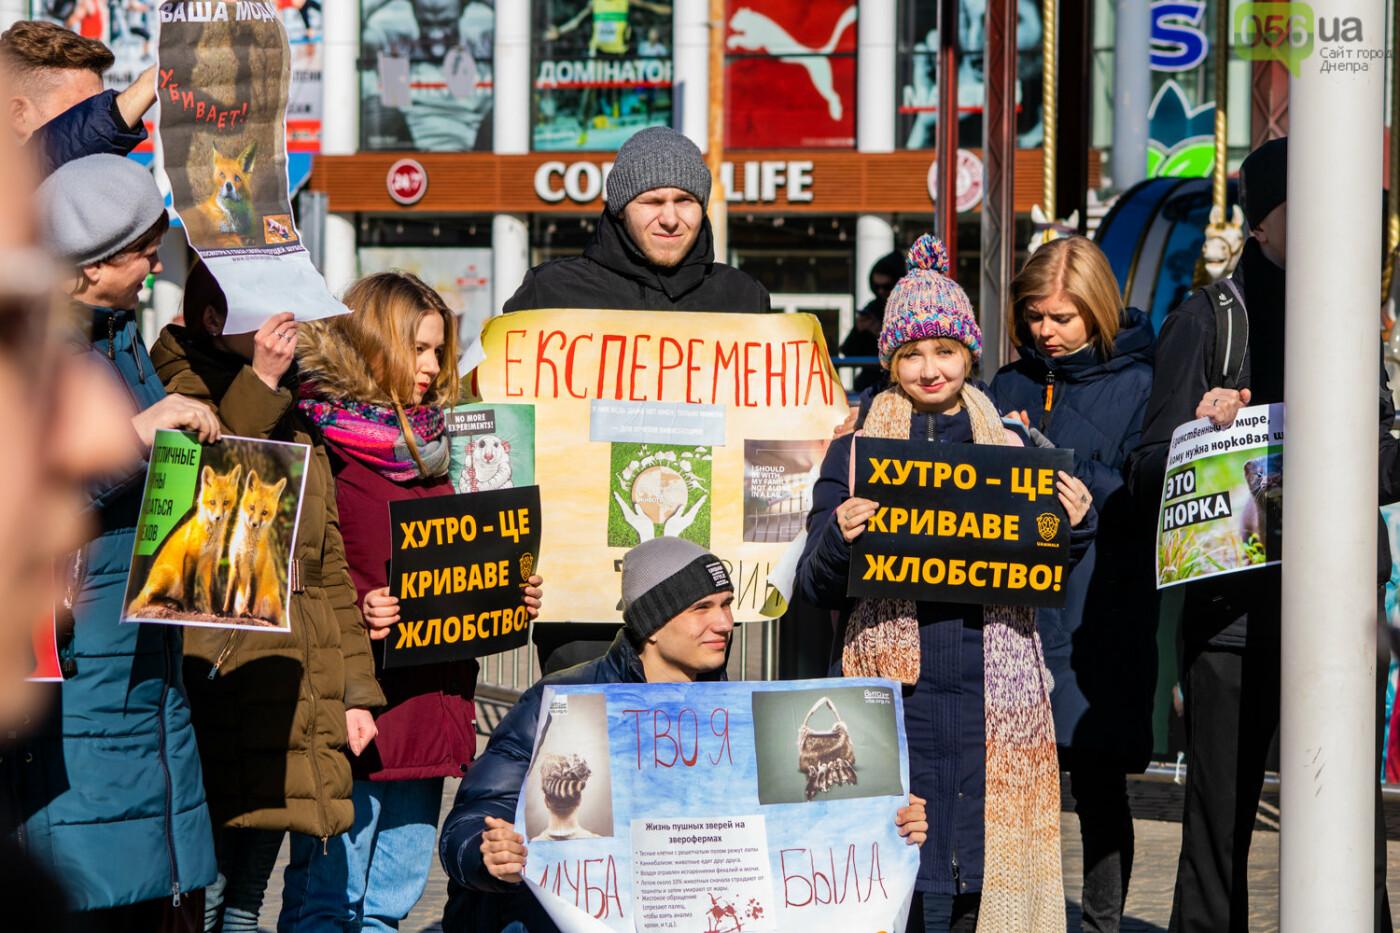 Полярная лиса, законопроект и кричащие плакаты: как в центре Днепра прошла антимеховая акция, - ФОТОРЕПОРТАЖ, ВИДЕО, фото-7